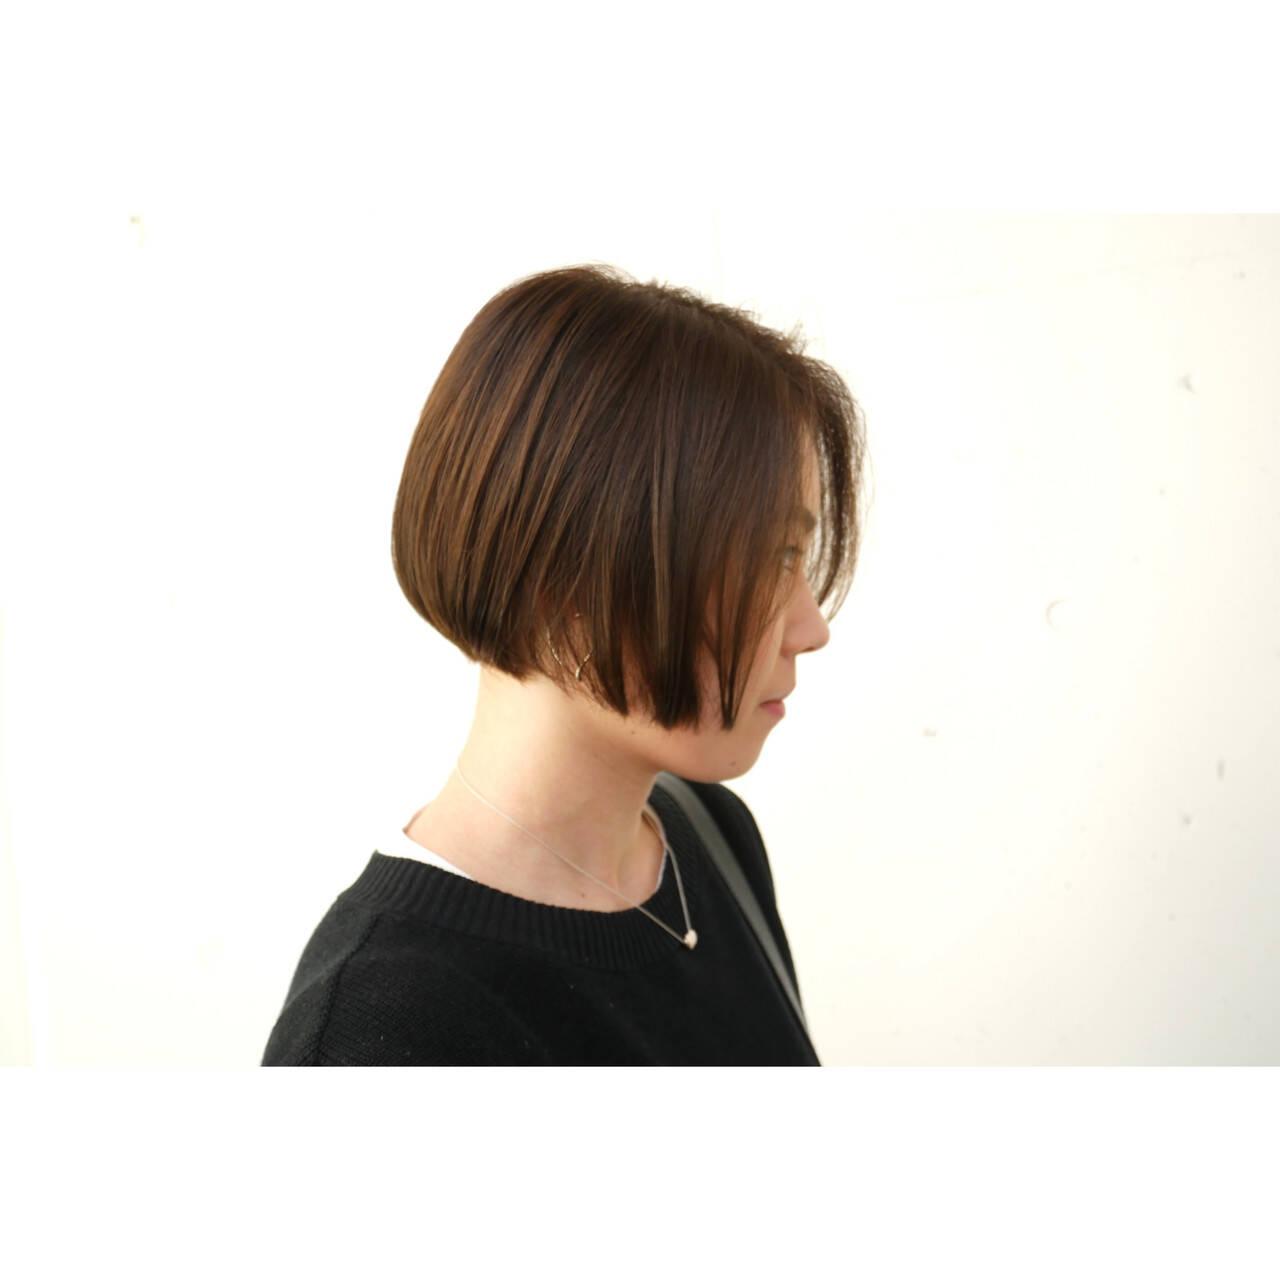 ボブ ナチュラル ミニボブ ショートヘアヘアスタイルや髪型の写真・画像